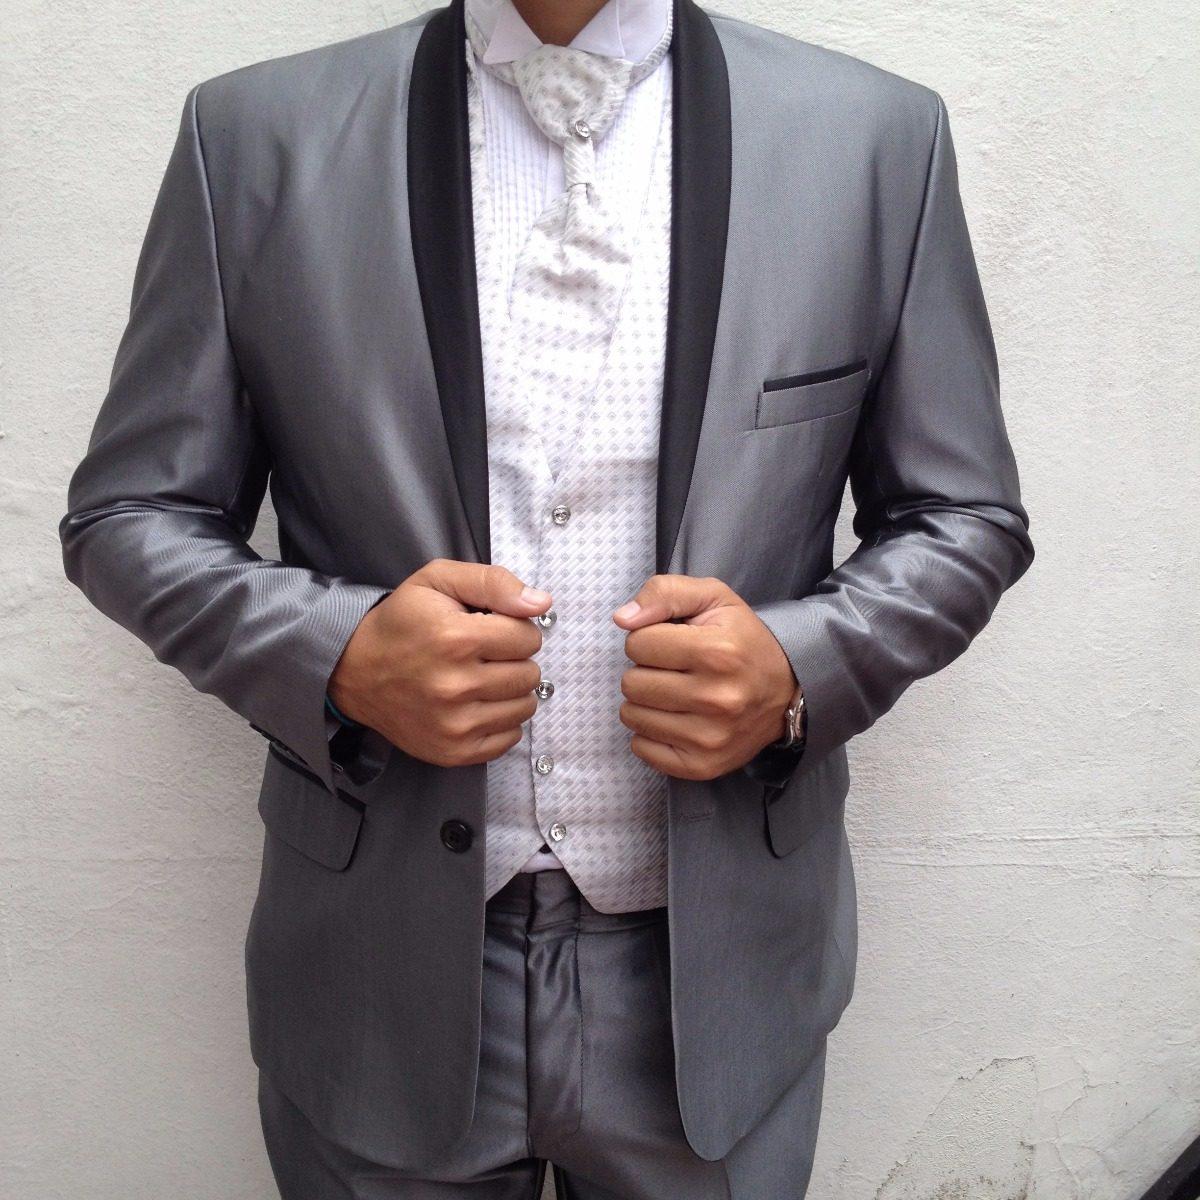 c1900b440 Traje Y Camisa Pechera 40 Tuxedo Boda Graduacion C Envio ...